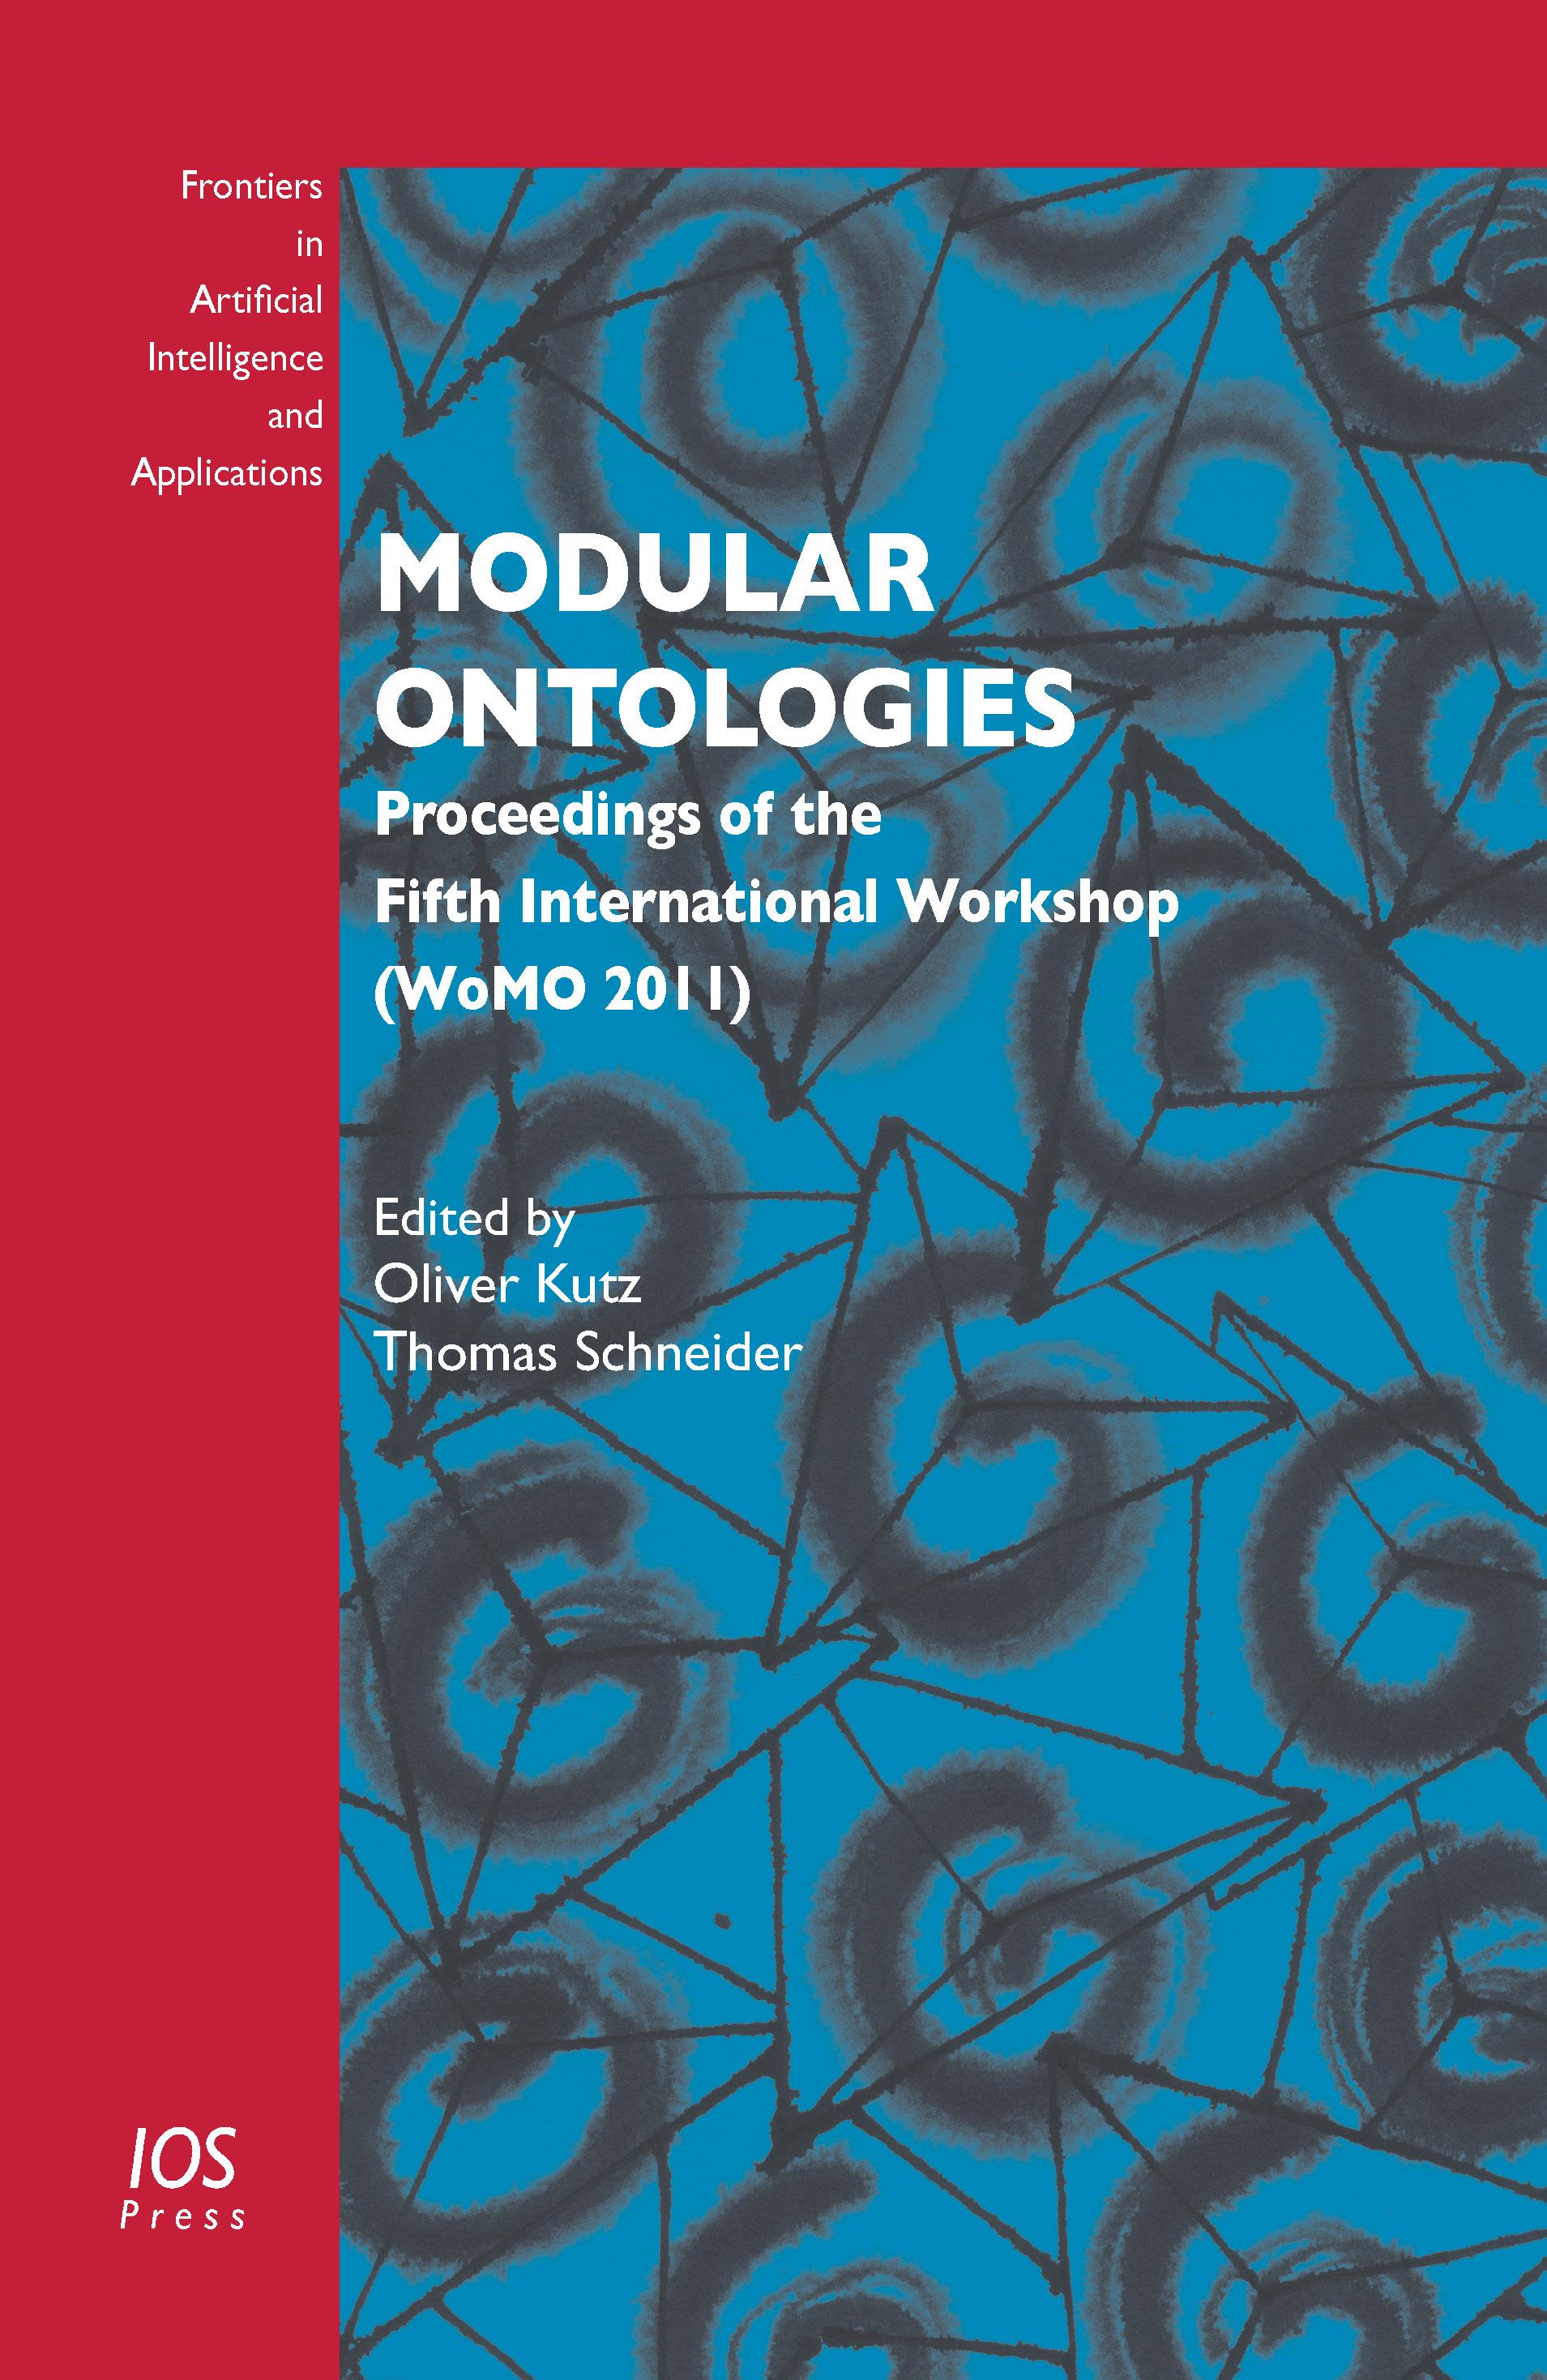 Modular Ontologies - 978-1-60750-798-7